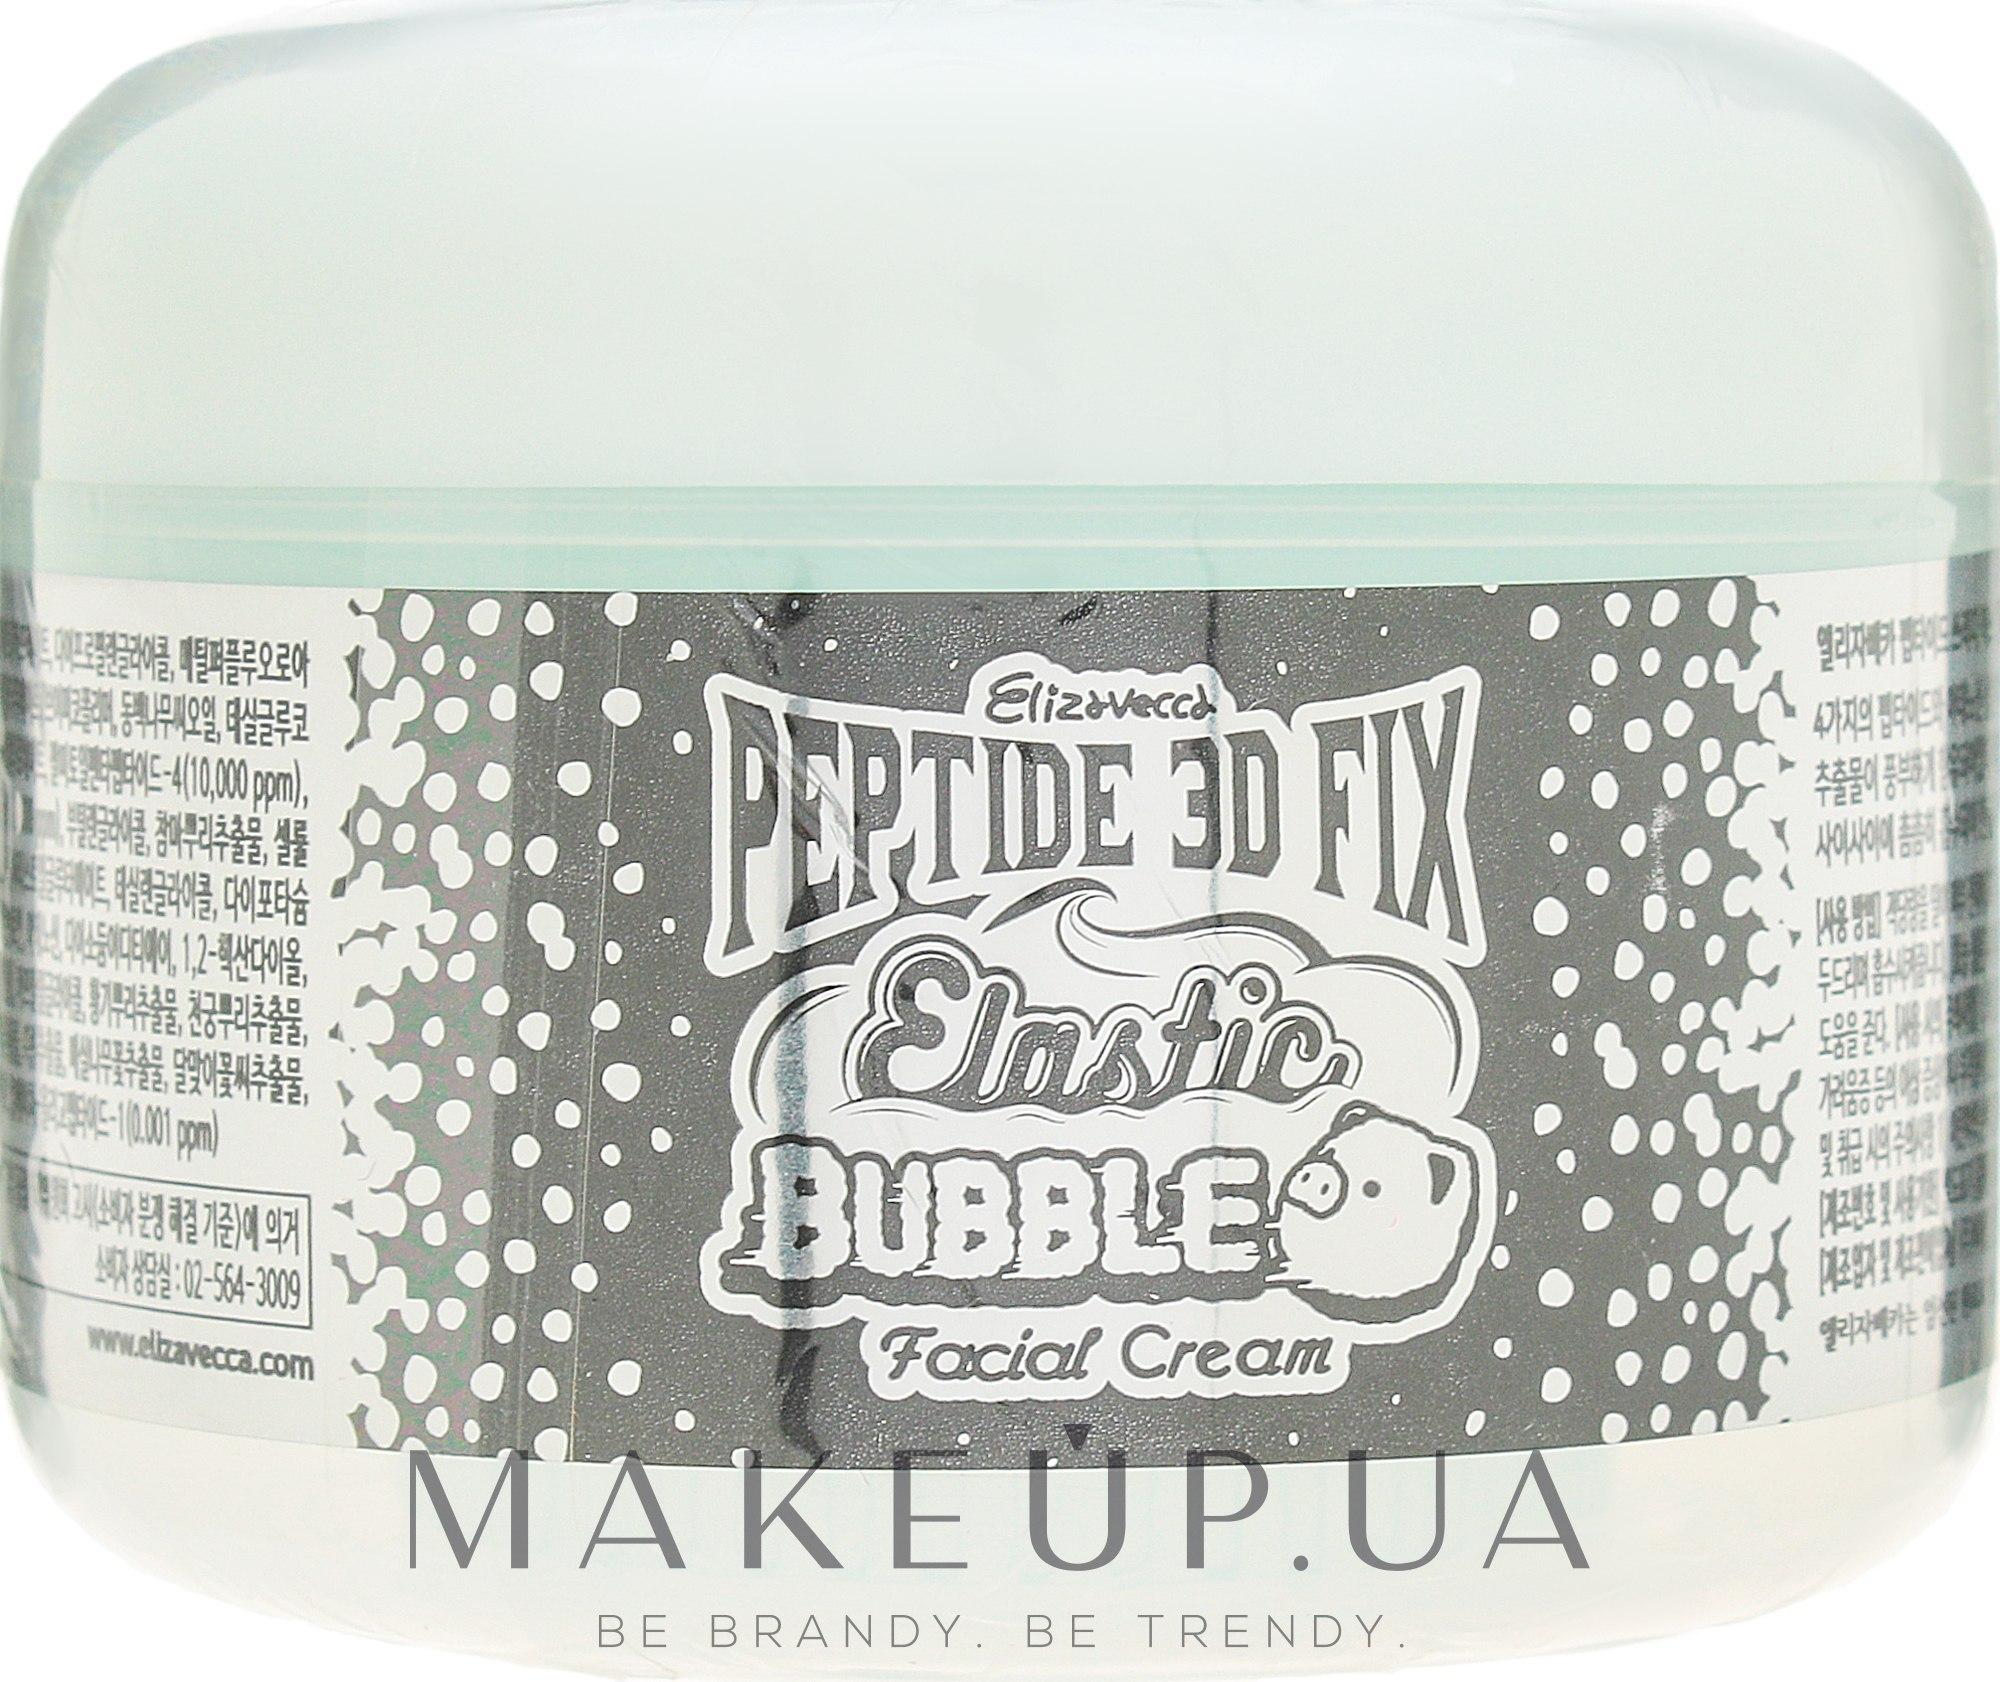 Омолаживающий пузырьковый крем для лица - Elizavecca Peptide 3D Fix Elastic Bubble Facial Cream — фото 100ml